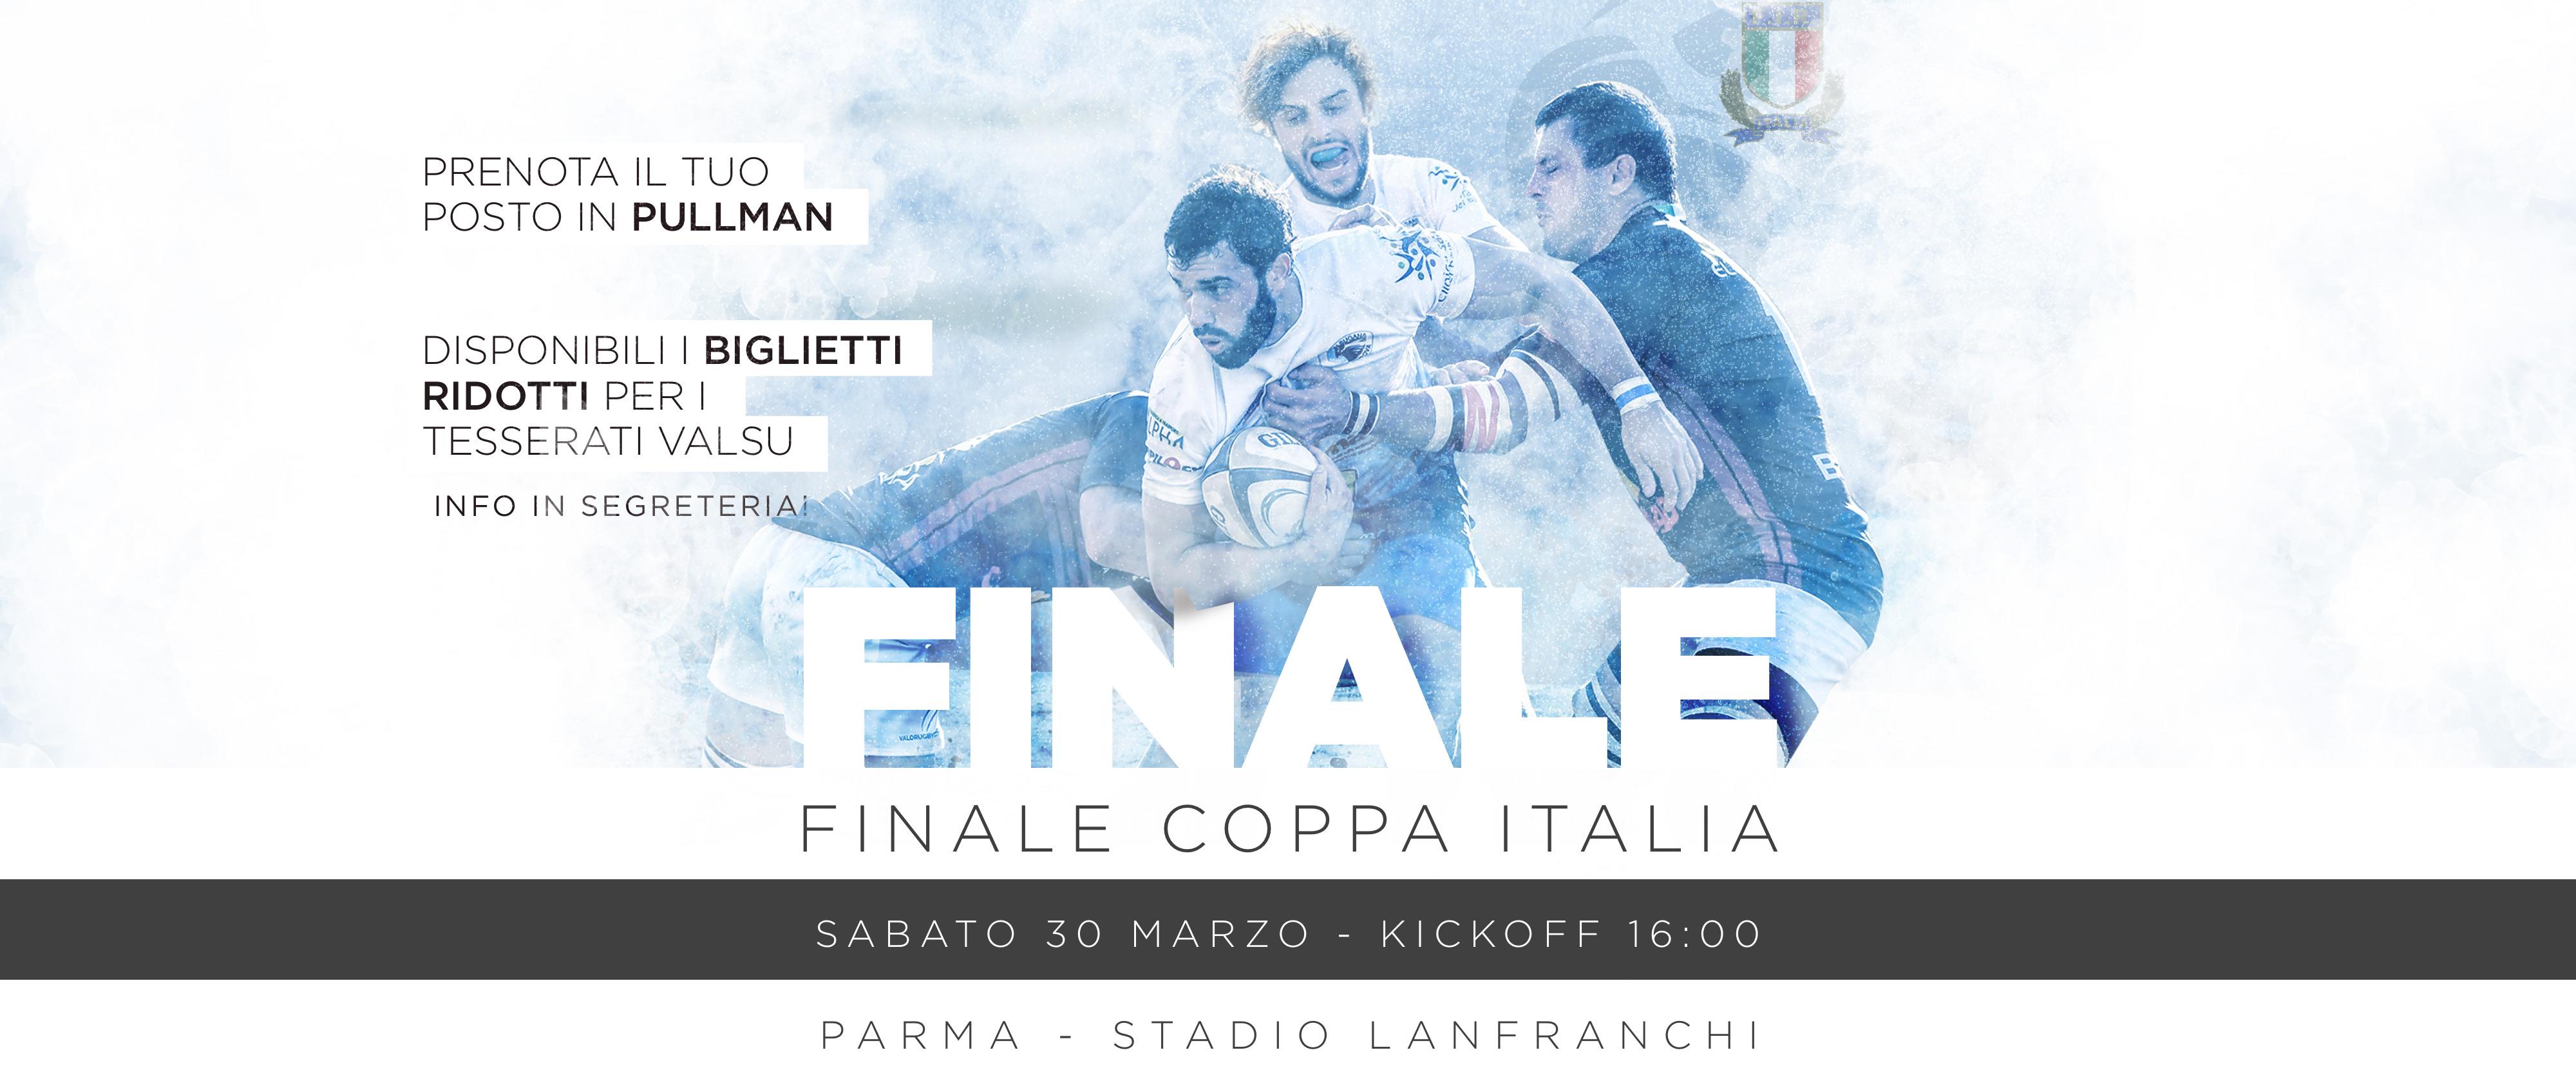 L'intervista ai capitani – Finale Coppa Italia 2019